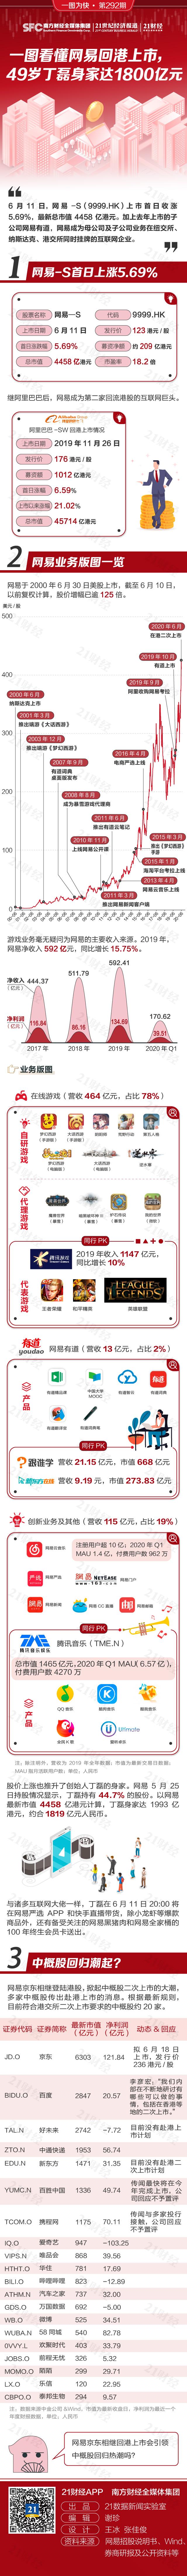 「北向资金是什么意思」9999.HK来了!一图看懂网易回港上市,49岁丁磊身家达1800亿元插图